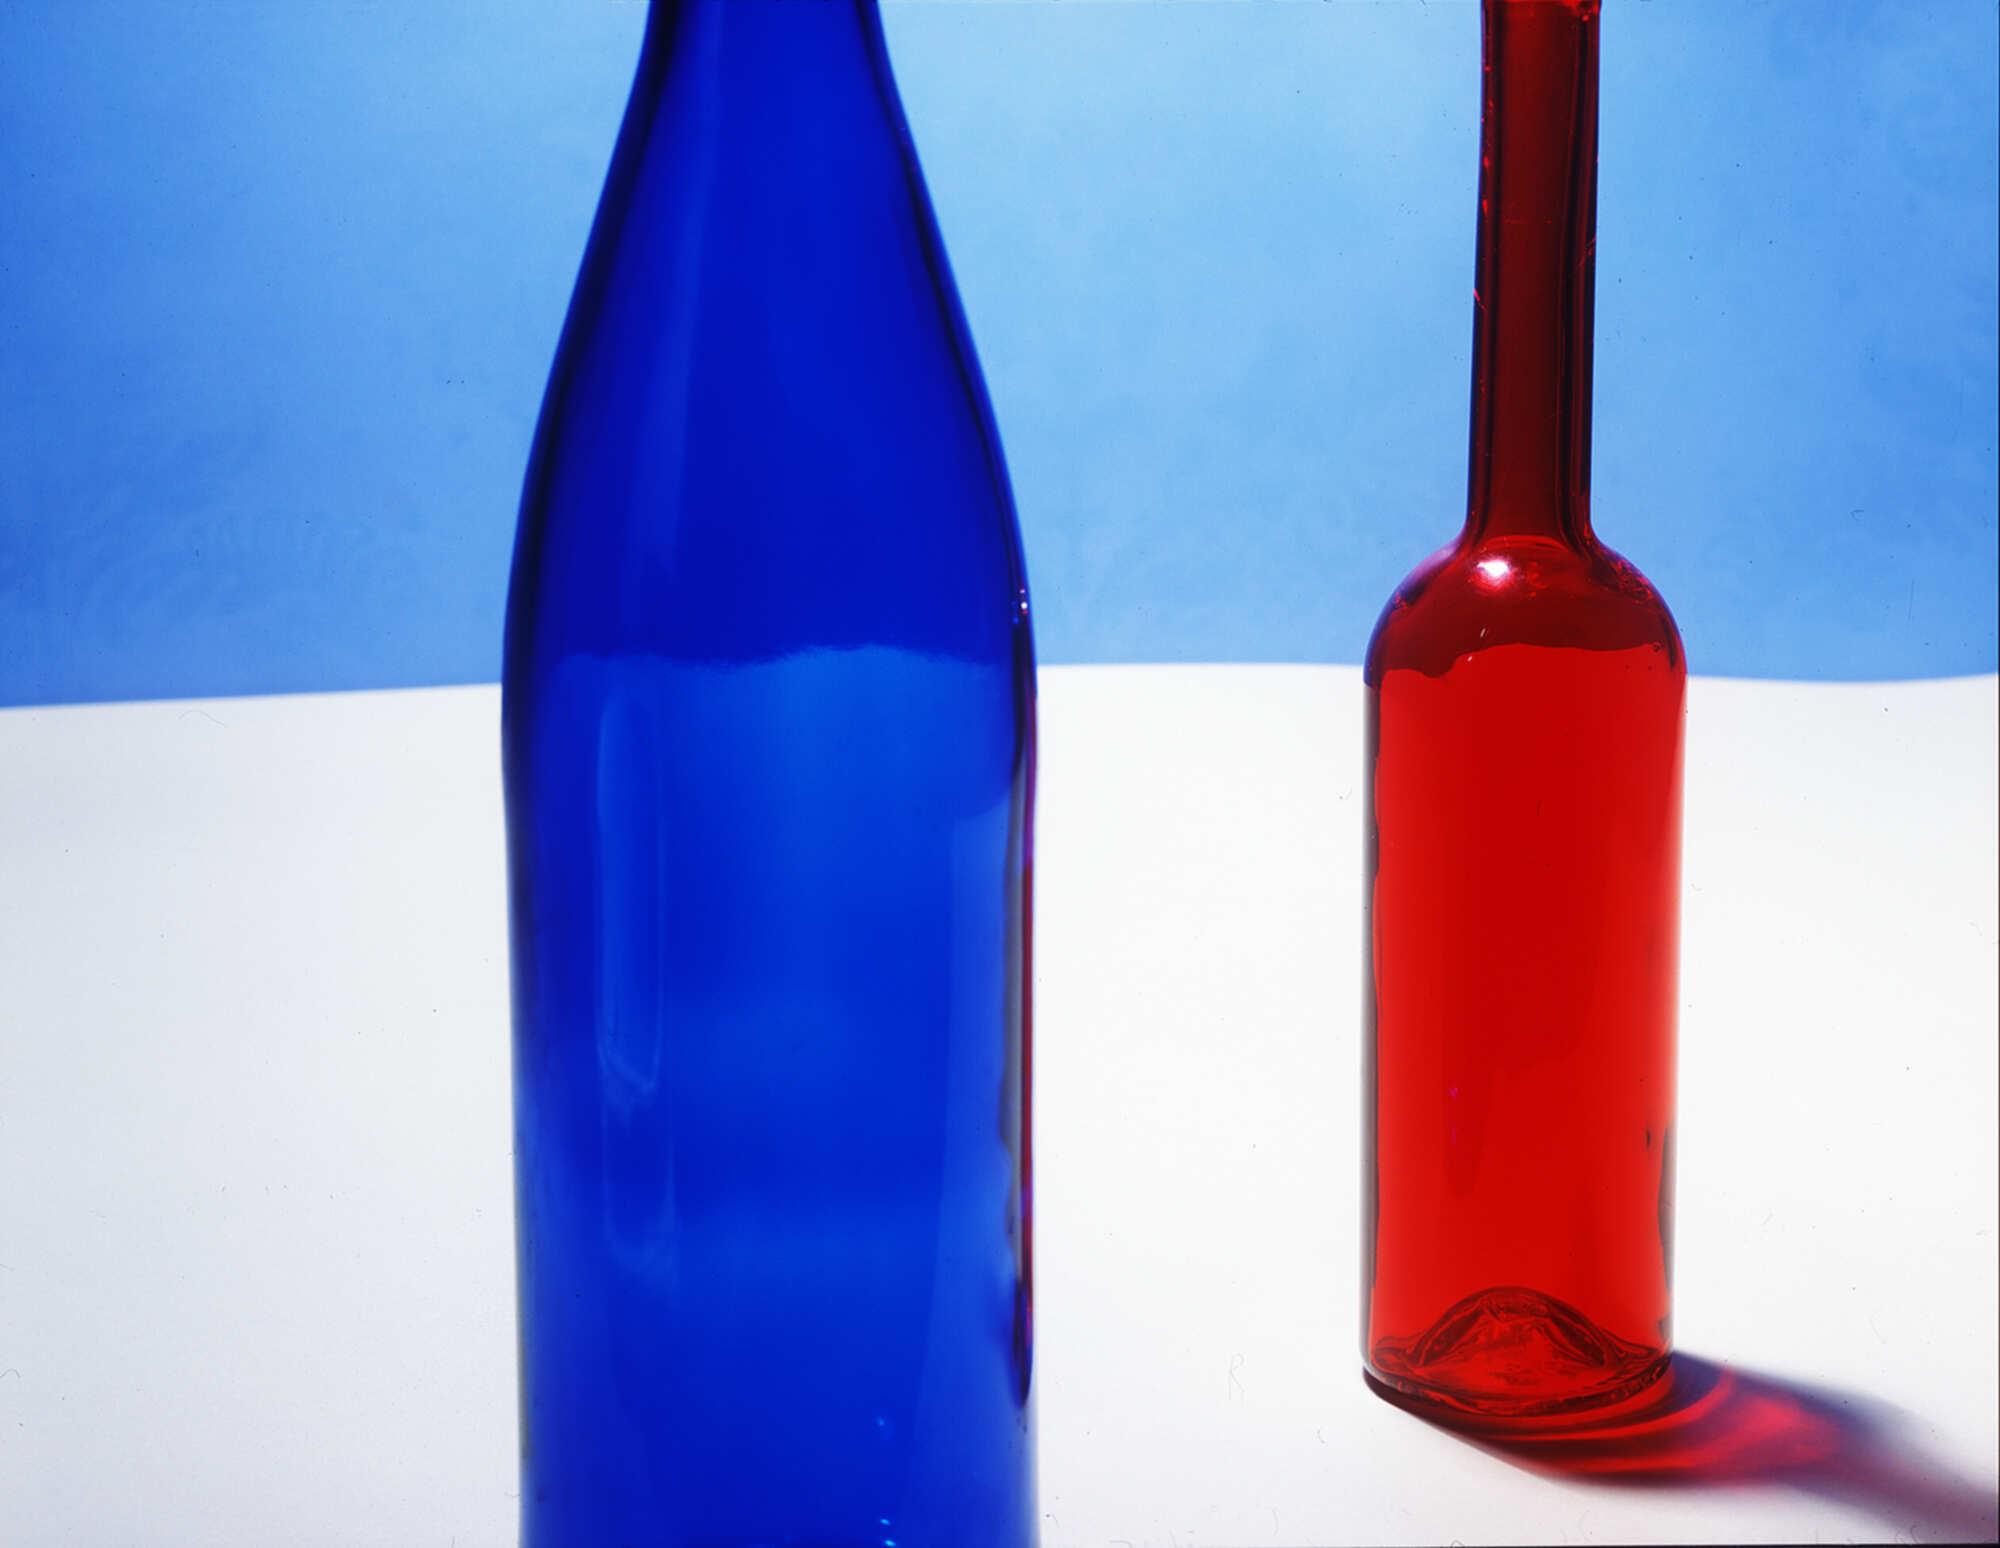 Винтажная фотография с изображением бутылок 2000 г.